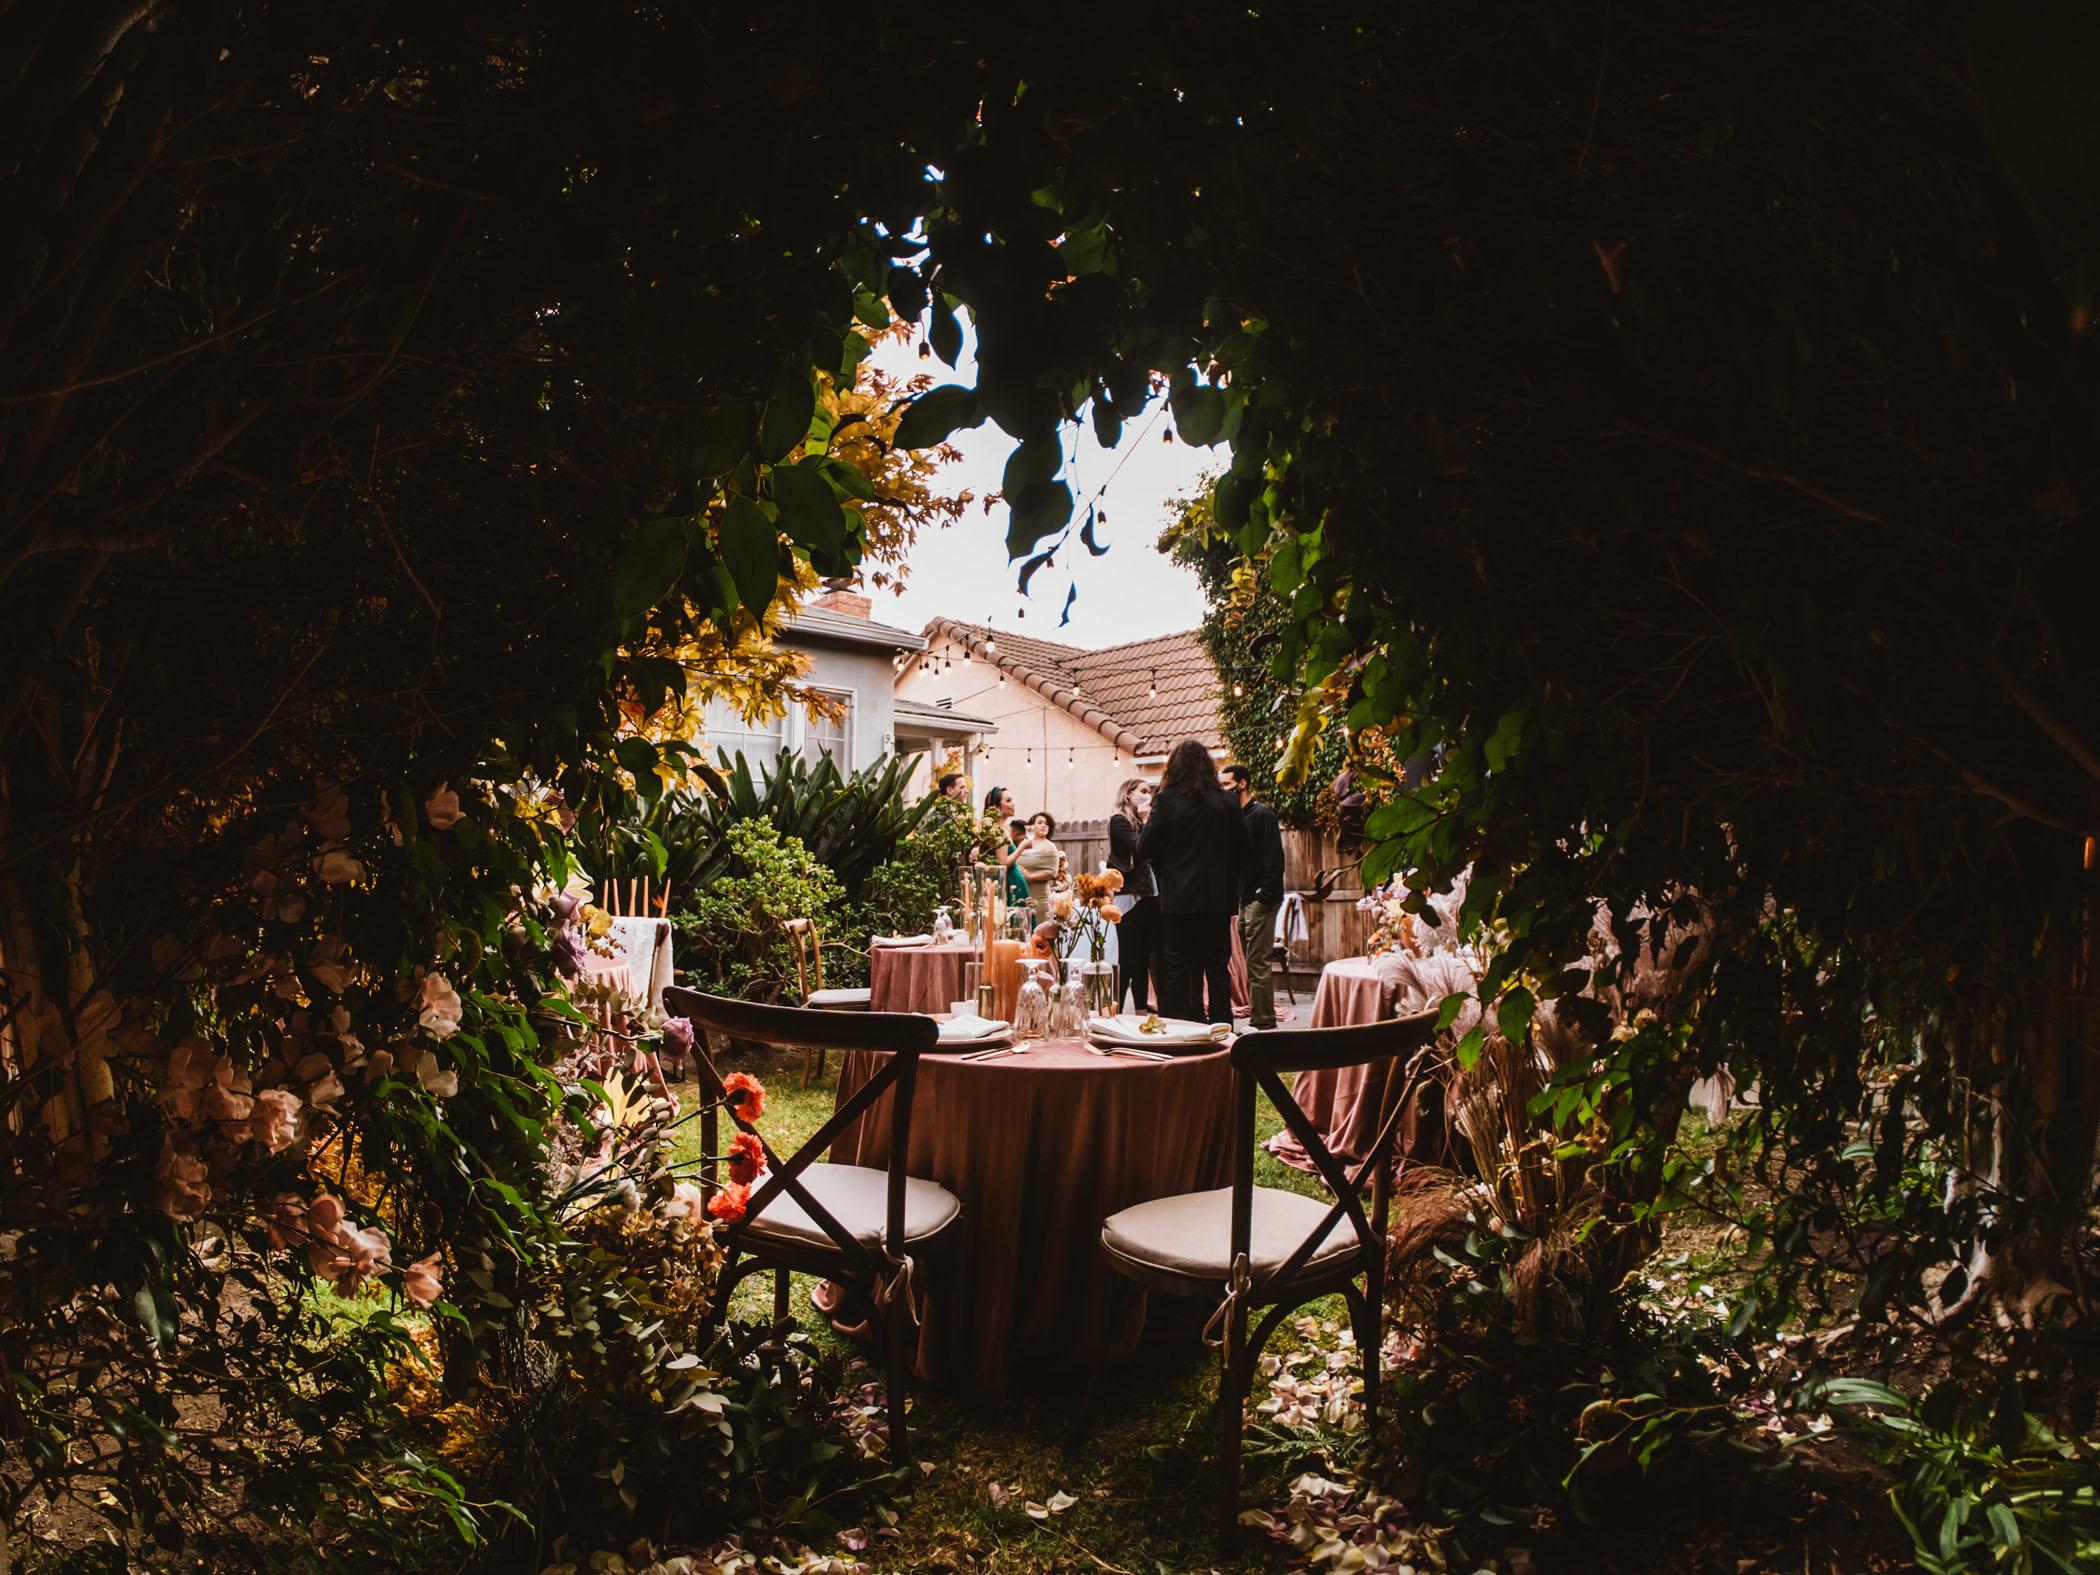 Ethereal view of a garden micro wedding